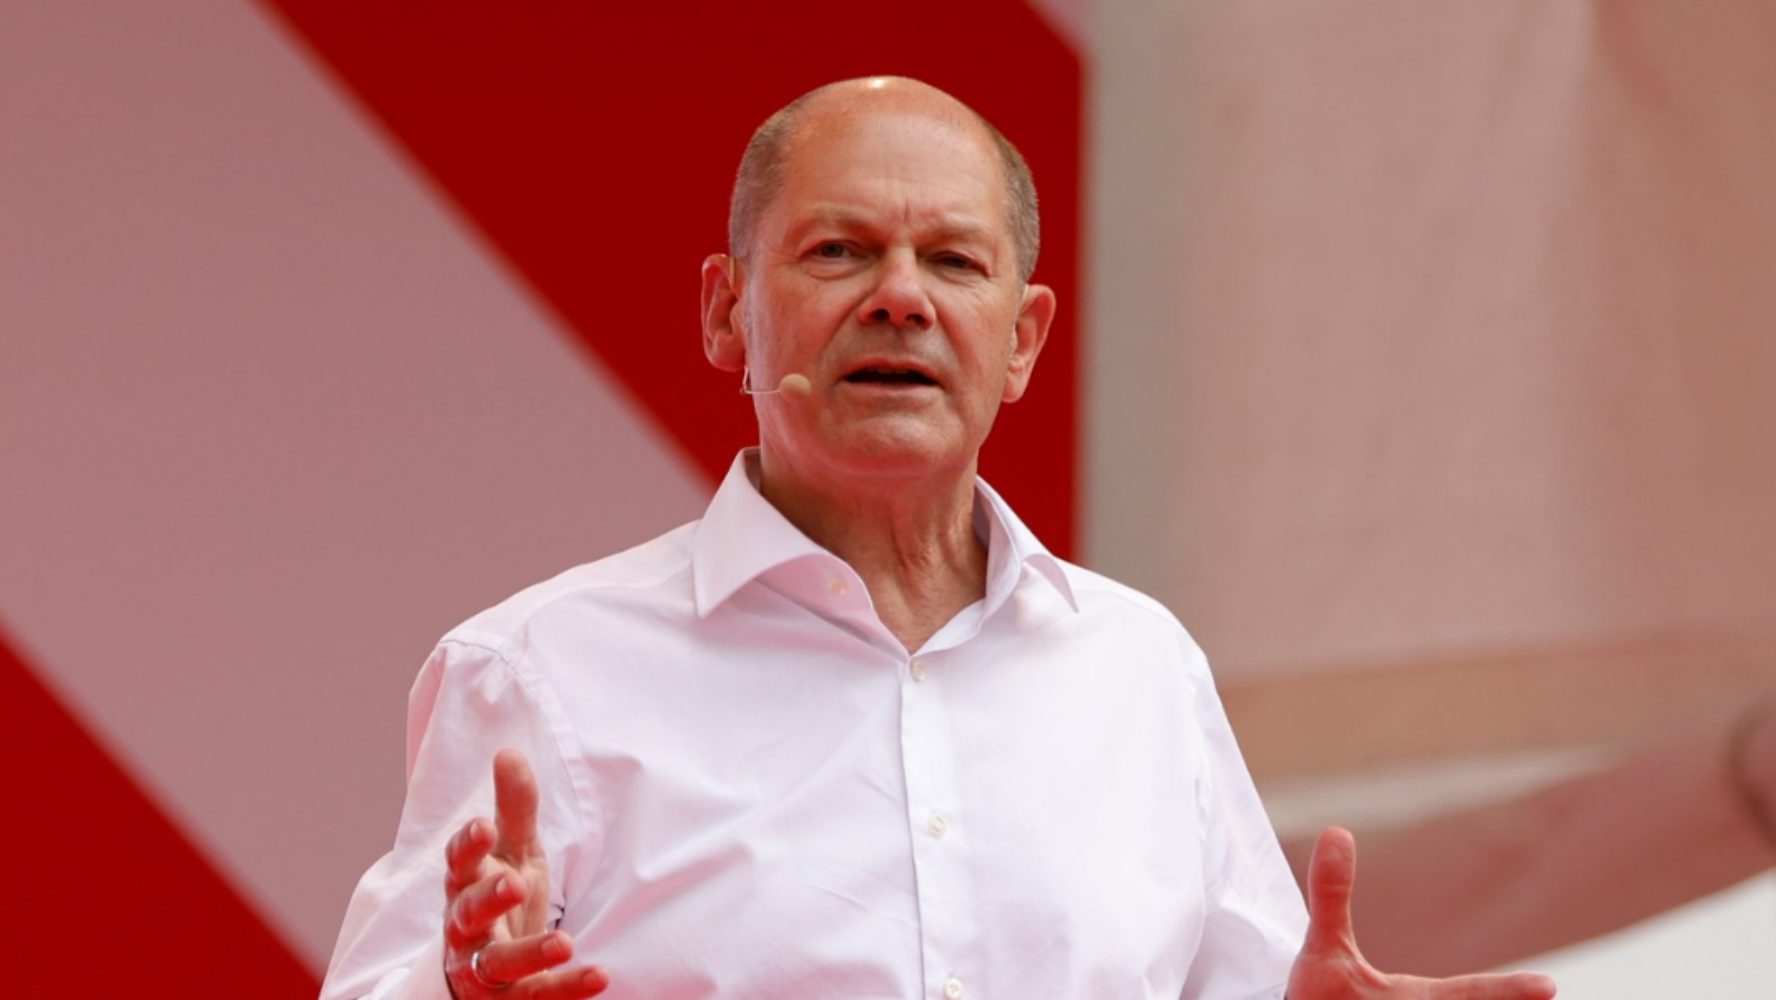 Niemcy. Scholz: Wyborcy pokazali, że to SPD z Zielonymi i FDP powinna utworzyć rząd